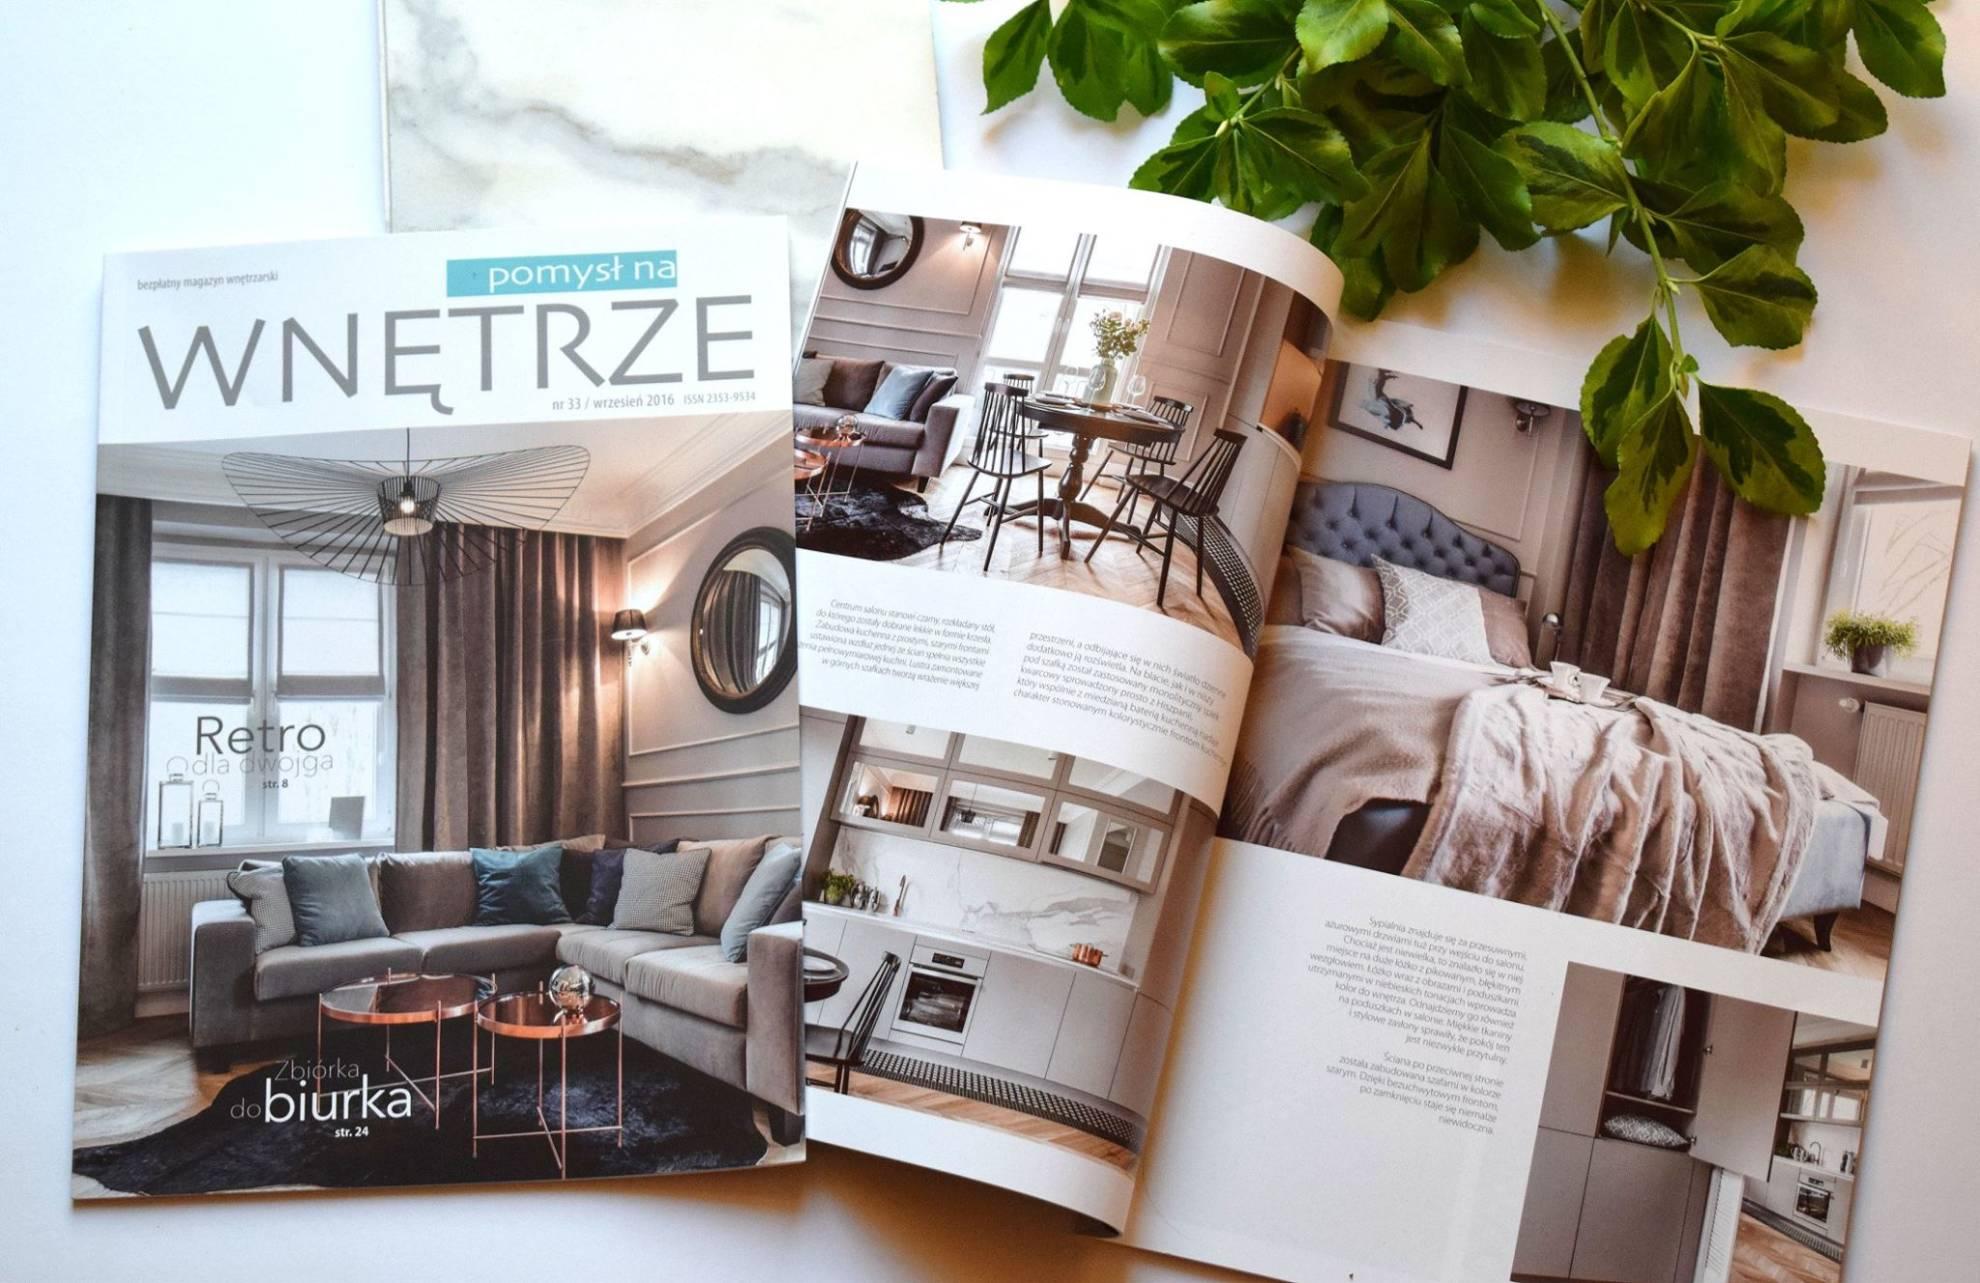 Aranżacja wnętrza mieszkania w kamienicy - architekt wnętrz Emilia Strzempek Plasun